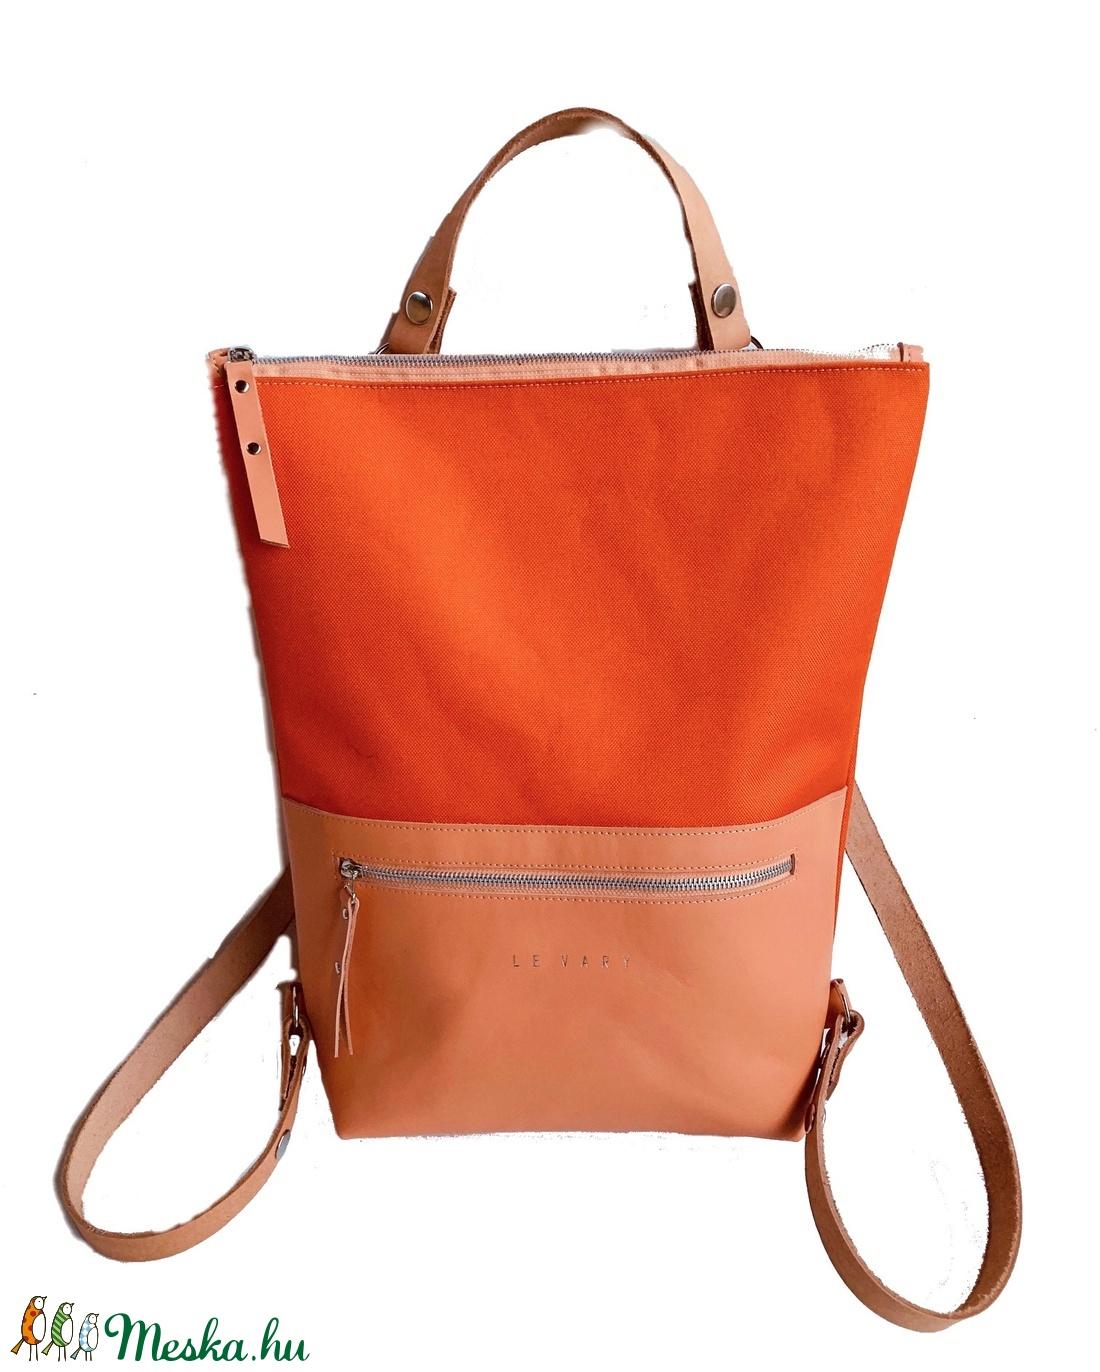 Tekla s bag hátitáska narancs-korall (hegymegigabi) - Meska.hu 412d629a17